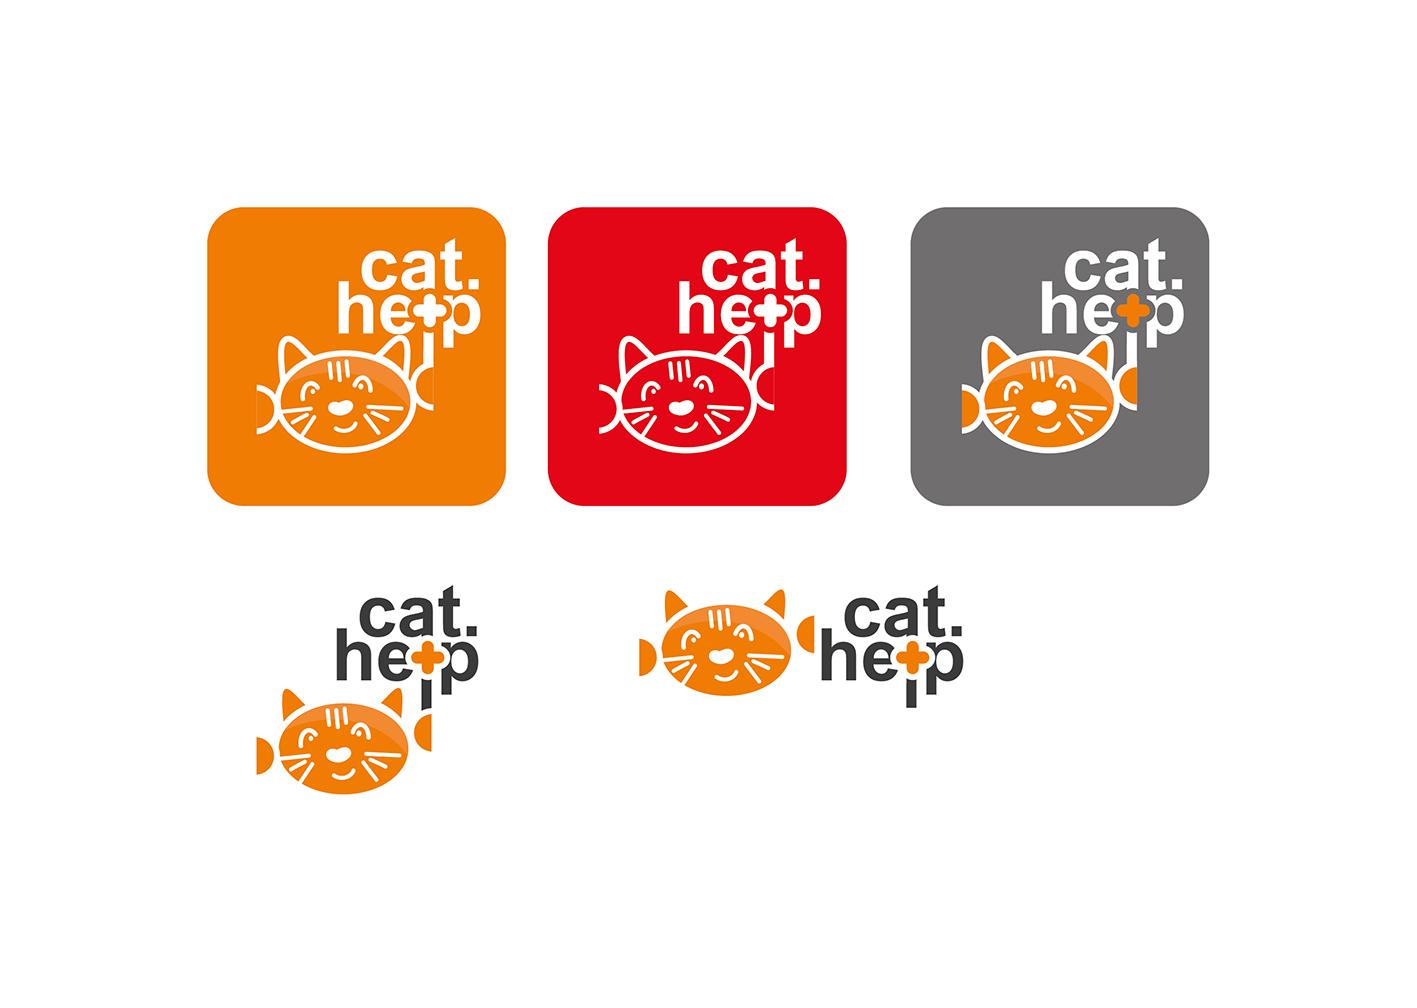 логотип для сайта и группы вк - cat.help фото f_77259e3bcb4402ab.jpg